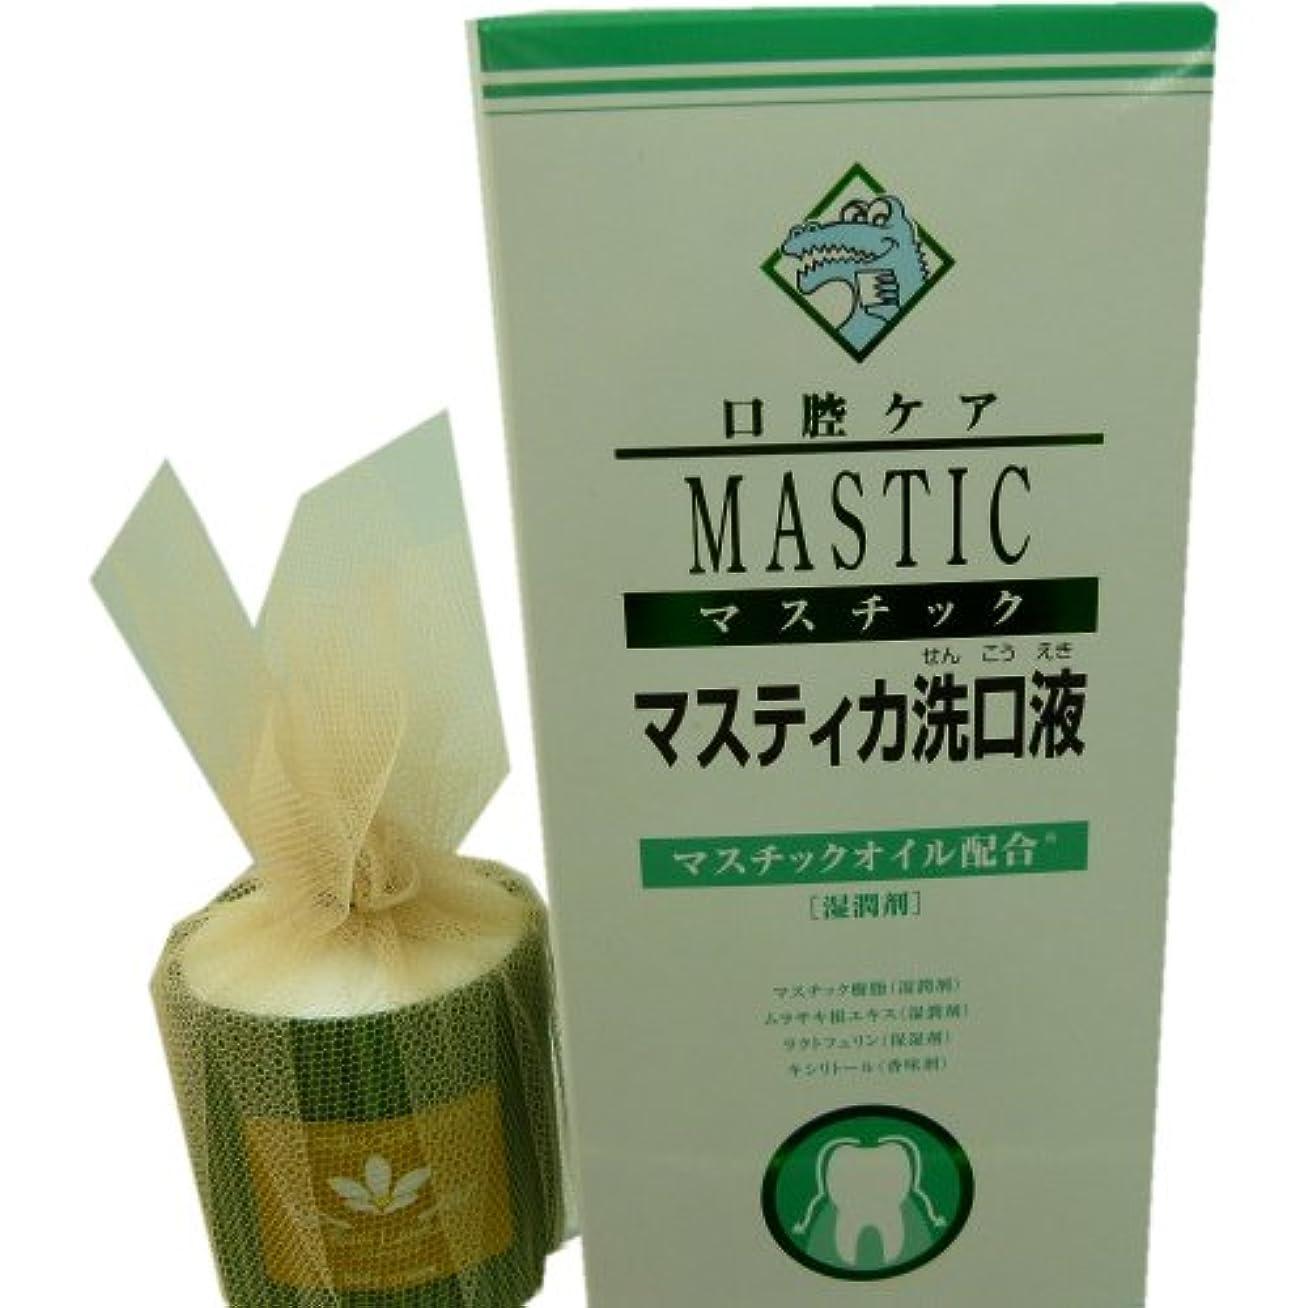 飾る不可能な一般的に言えばマスティカ洗口液+RaviLankaブラシカボディクリーム